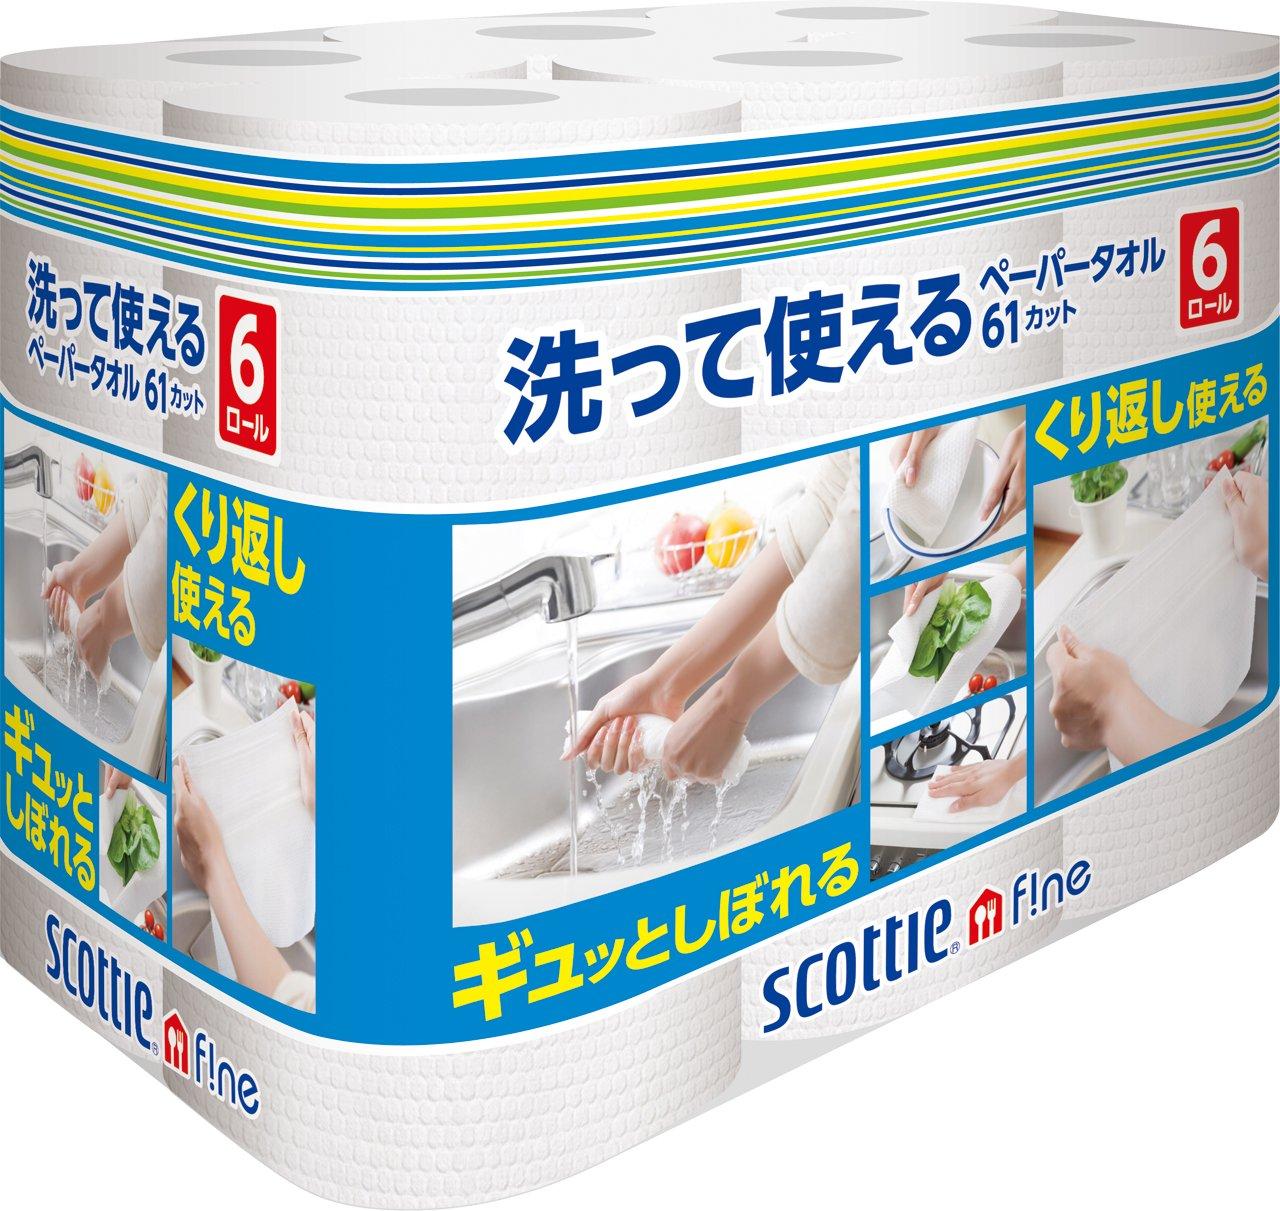 スコッティ ファイン 洗って使える ペーパータオル